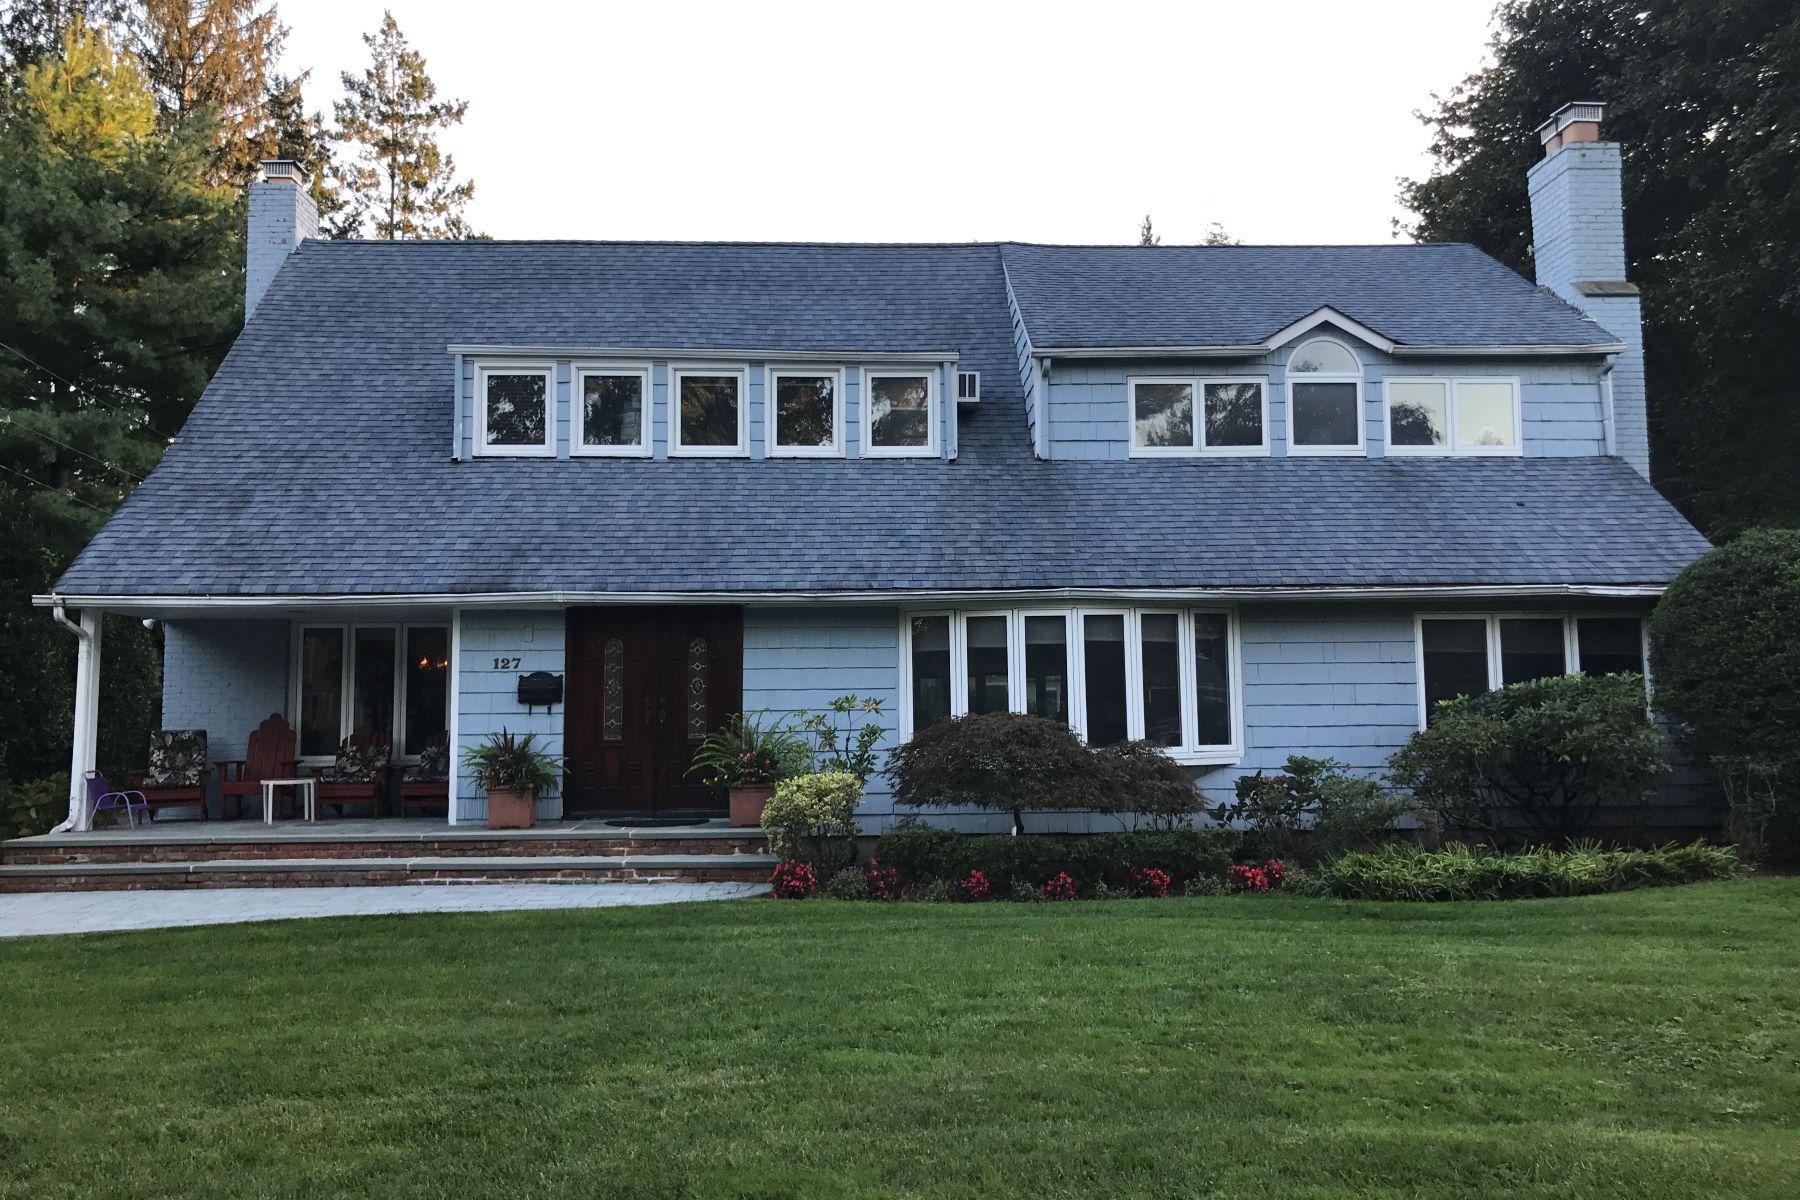 独户住宅 为 销售 在 127 Village Rd , East Hills, NY 11577 127 Village Rd, 东希尔斯, 纽约州, 11577 美国